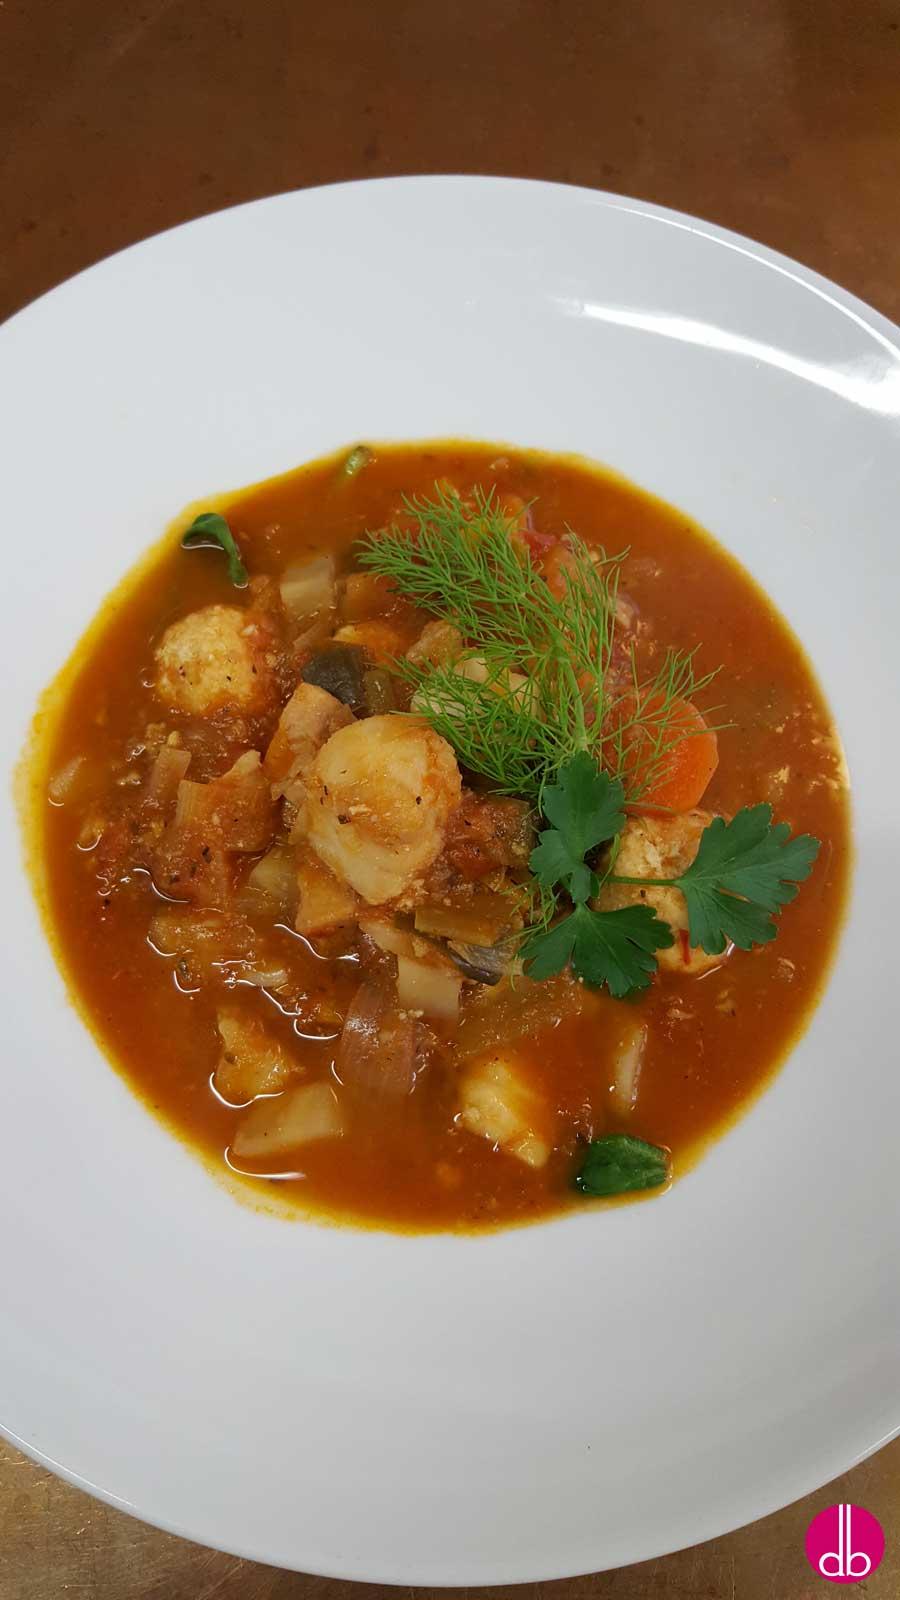 Riblja-juha-Fischsuppe-aus-Dalmatien